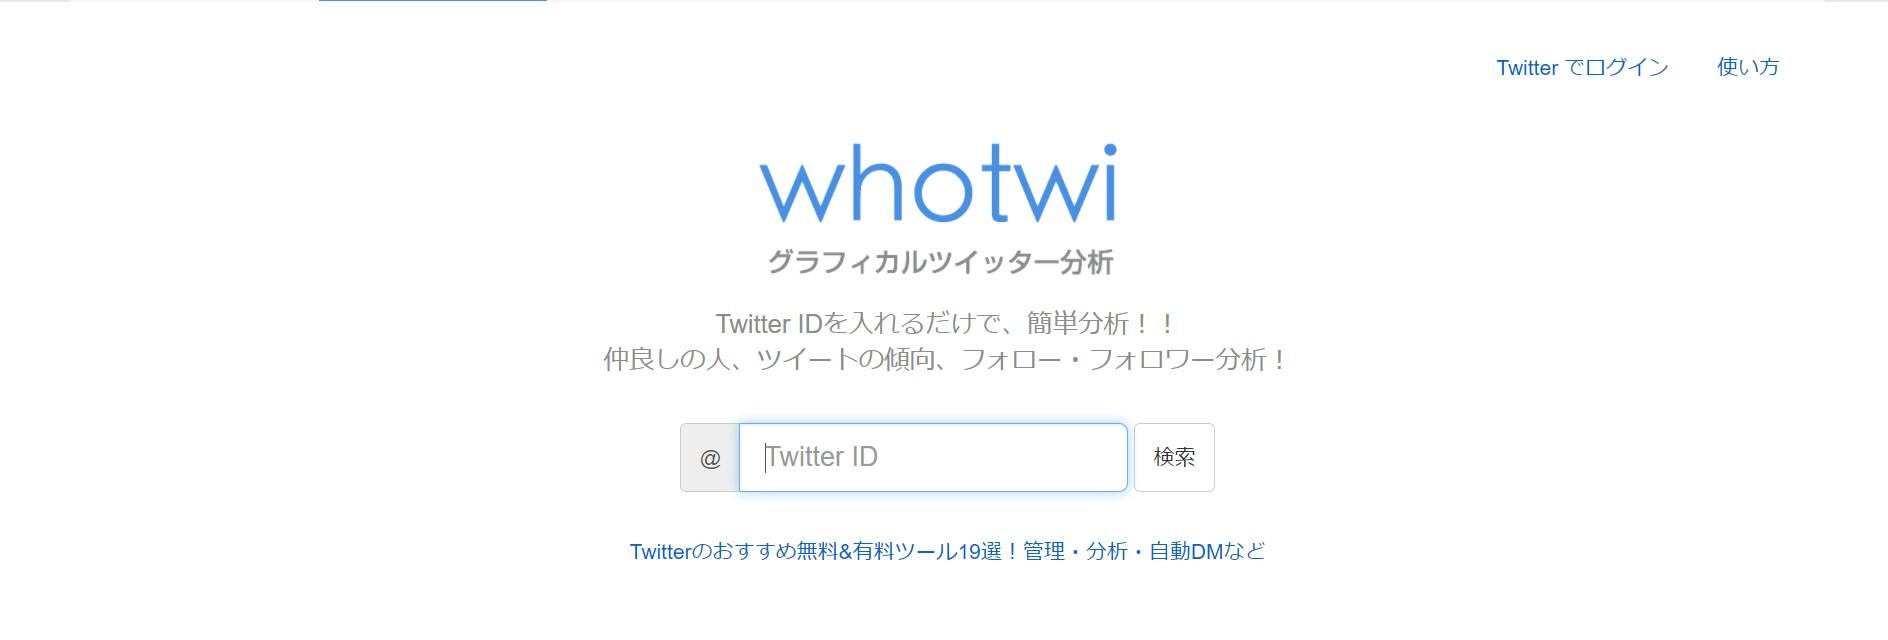 【whotwi】ライバルアカウントを分析できるツール